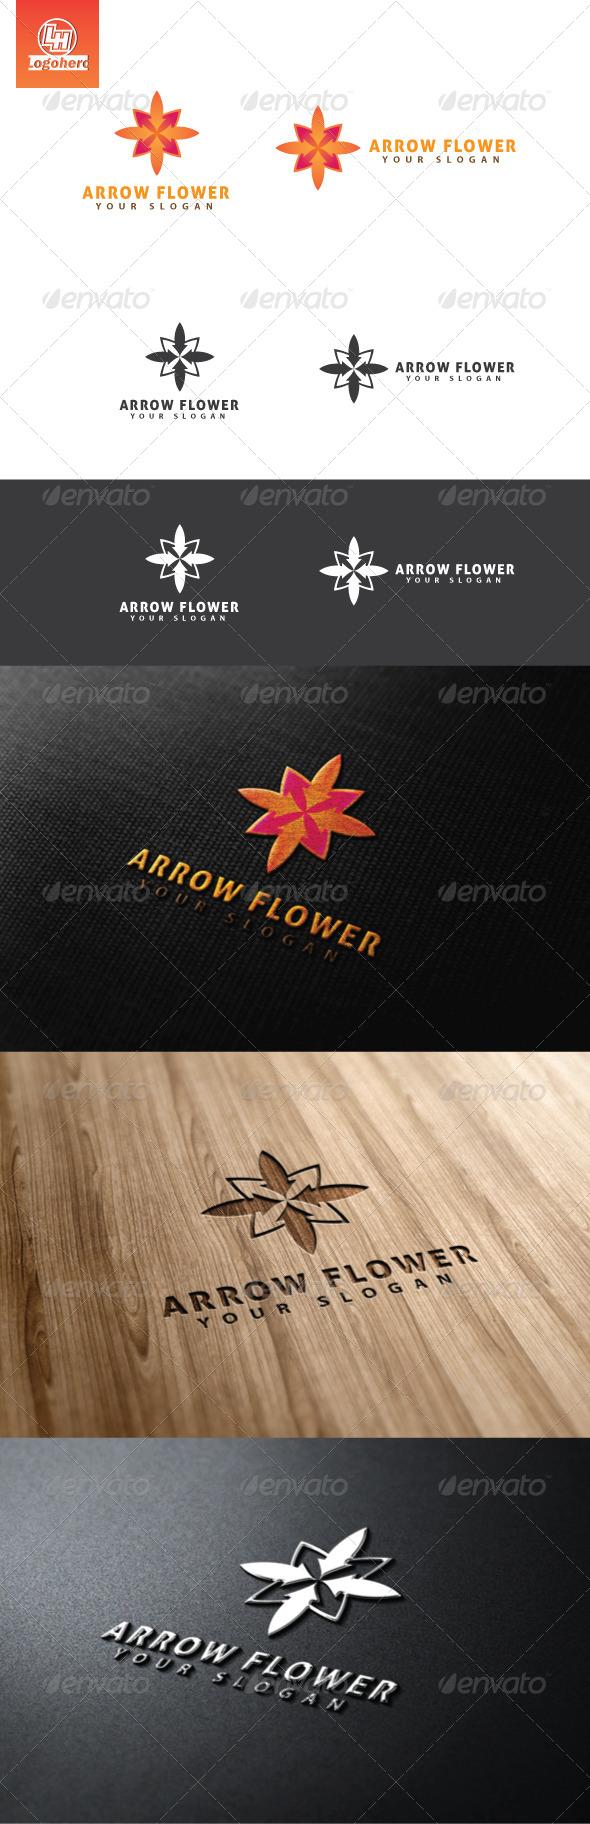 GraphicRiver Arrow Flower Logo Template 4632266